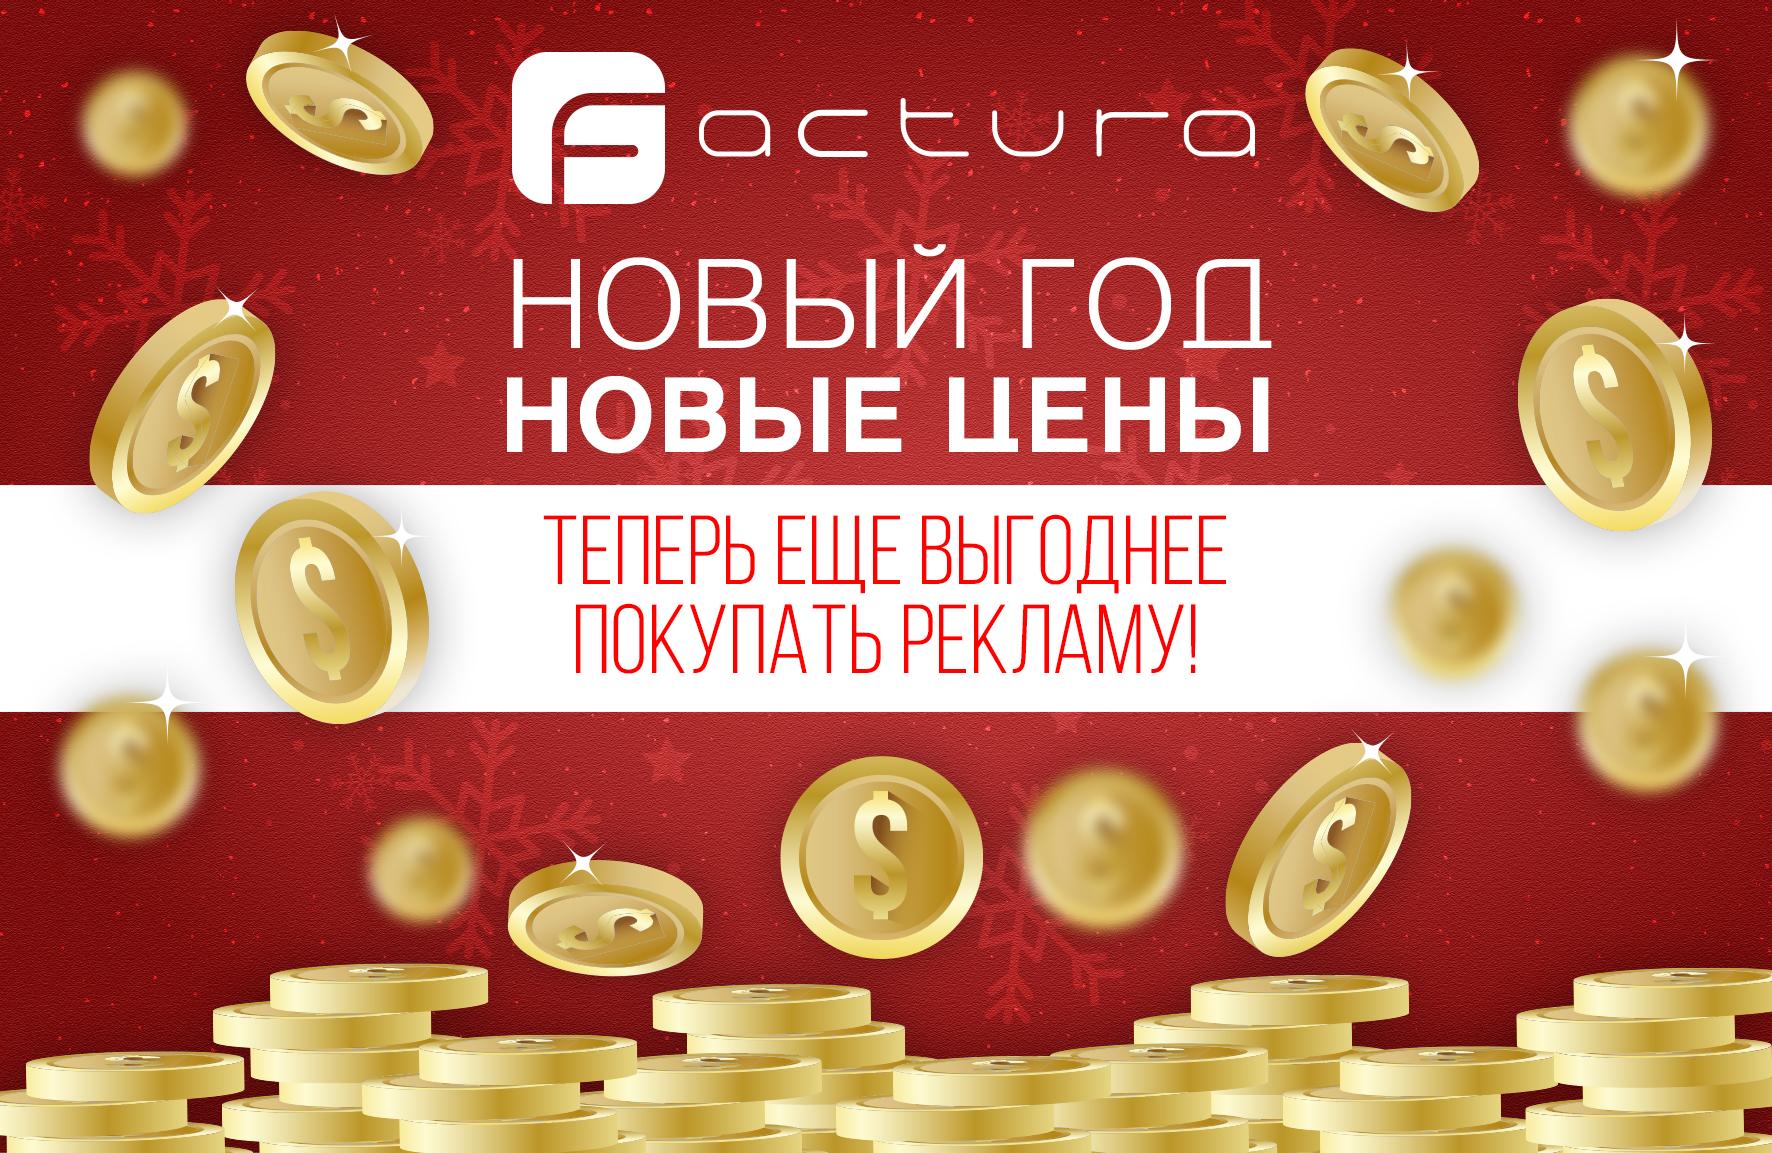 Выгодные цена на размещение рекламы в соц. сетях!